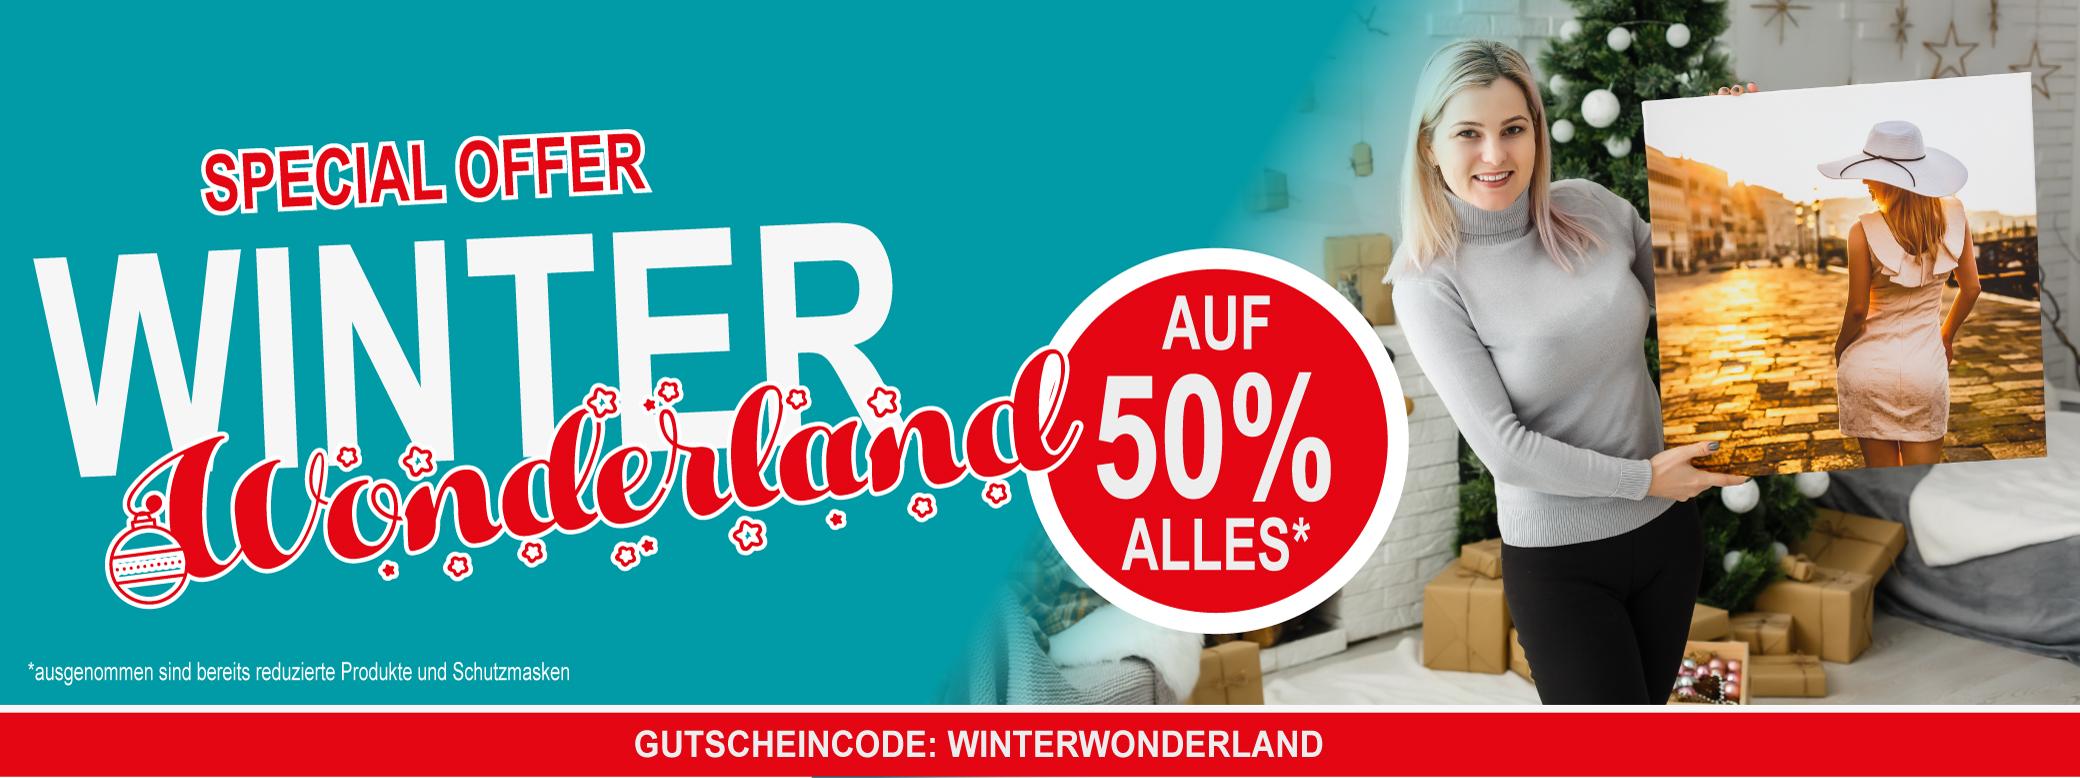 50% auf alle Fotoleinwände Luxemburg Winter Wonderland Christmas Special Weihnachtsgeschenk